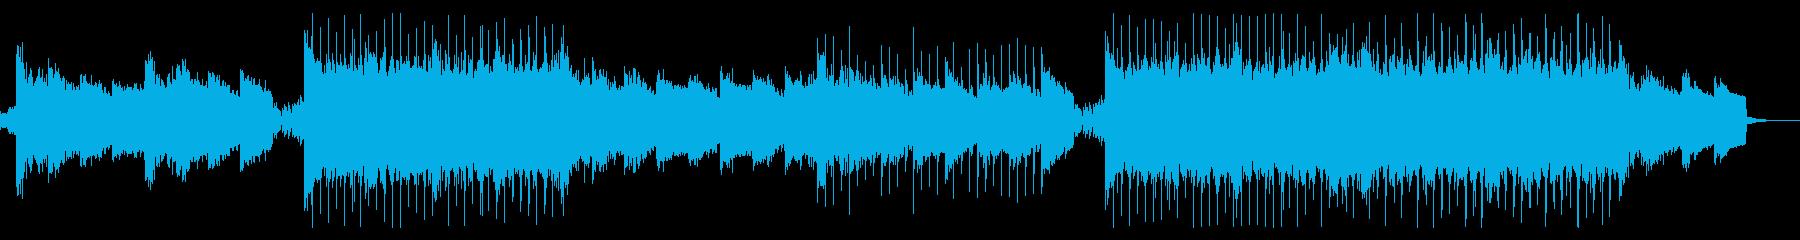 ピアノの旋律が美しい、エモバンドロックの再生済みの波形